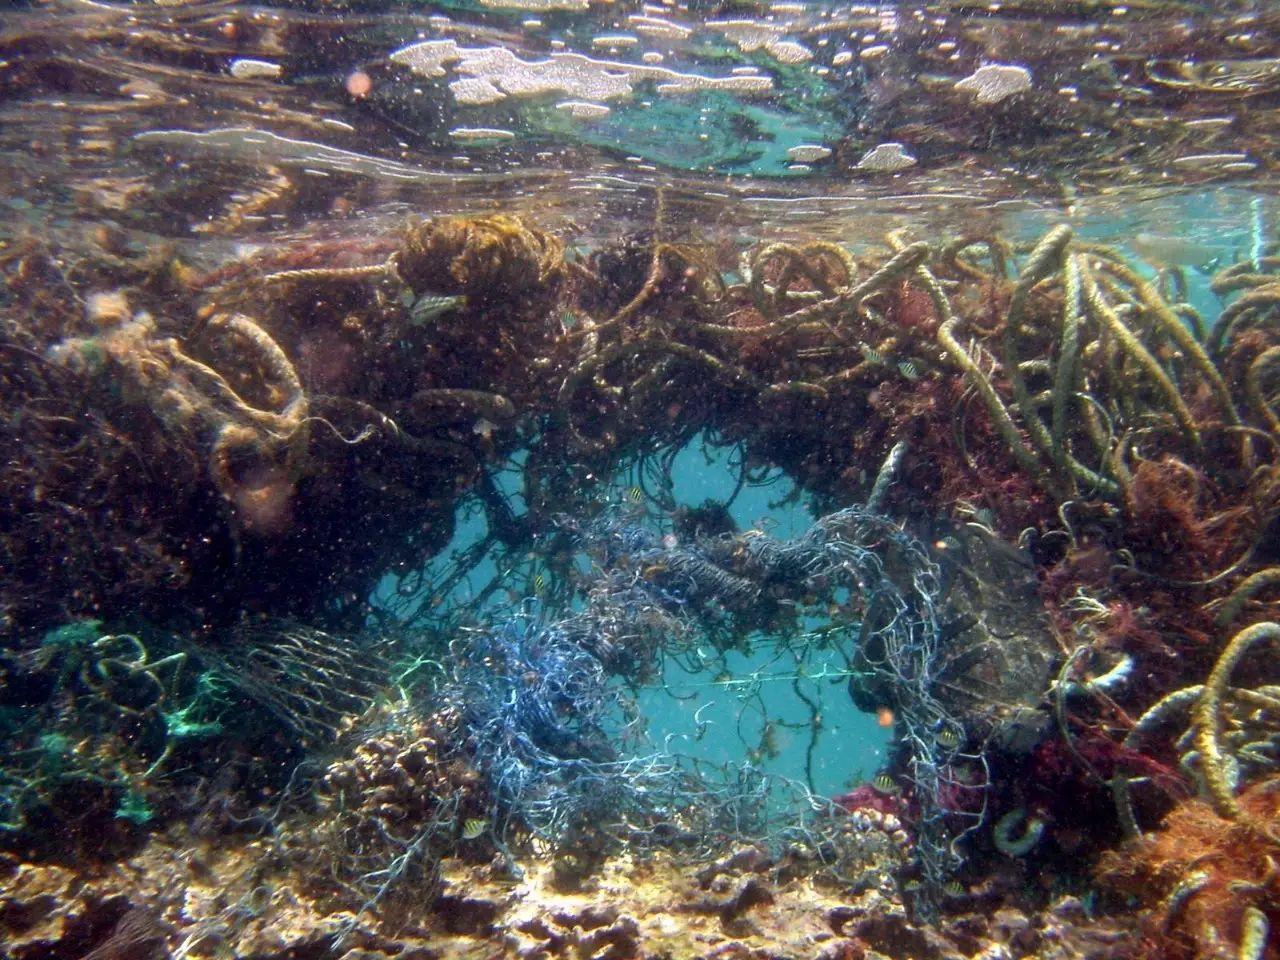 ▲無法被降解的垃圾隨着洋流匯聚到一起形成了太平洋垃圾島。圖據網絡